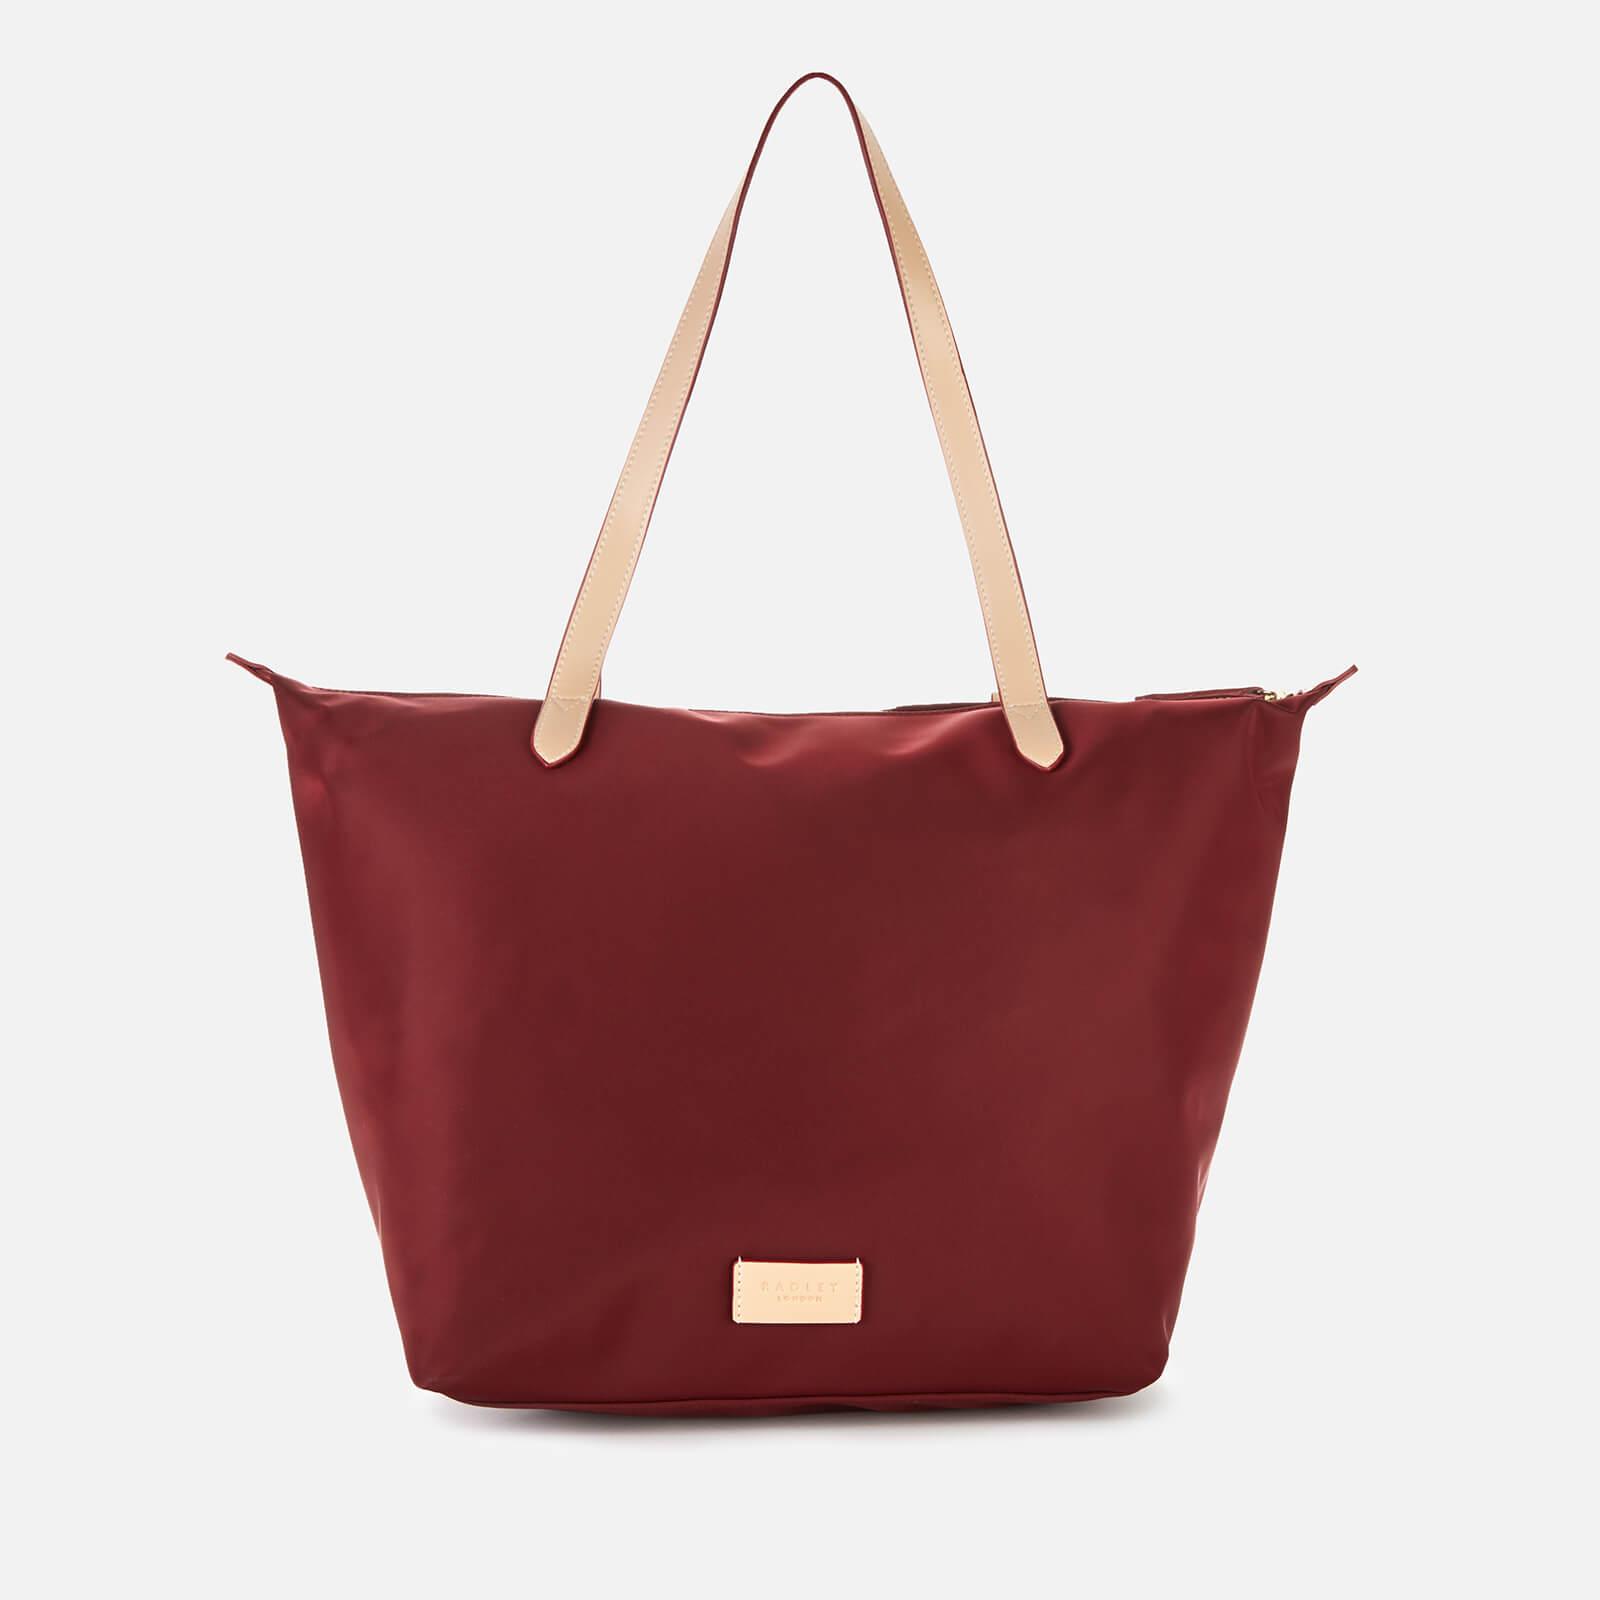 Radley Women's Pocket Essentials Large Zip Top Tote Bag - Merlot